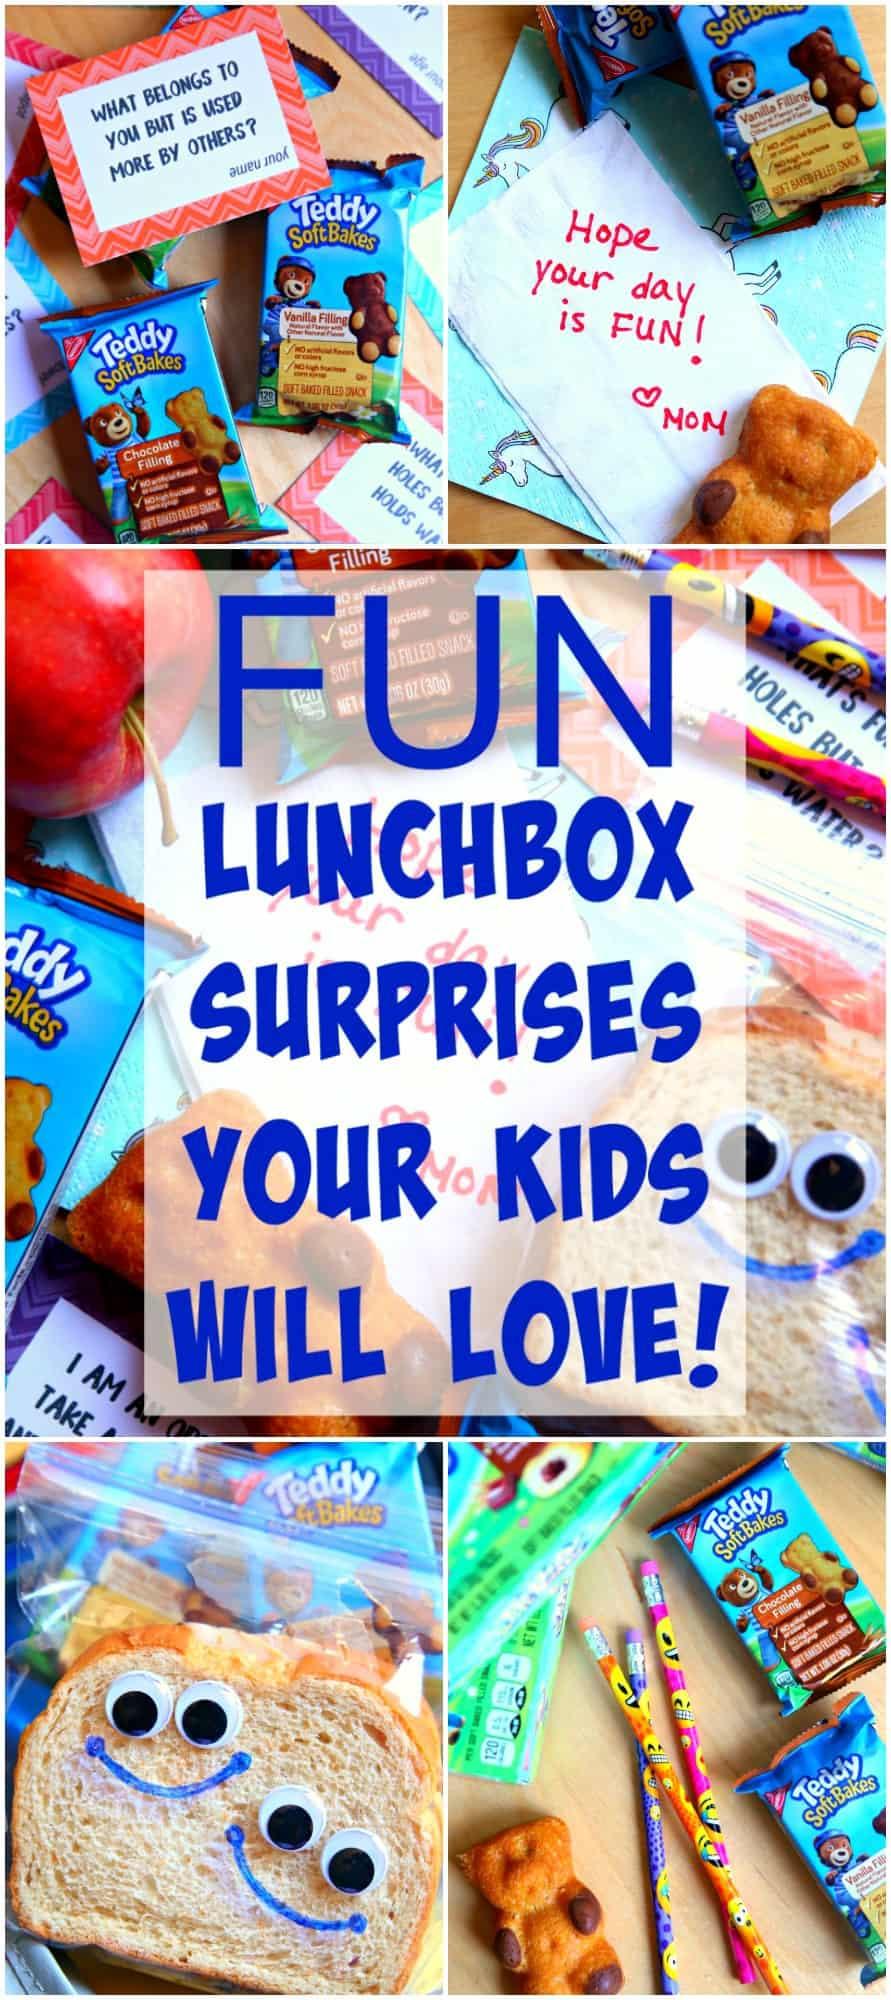 Lunchbox-Surprises-Pinterest